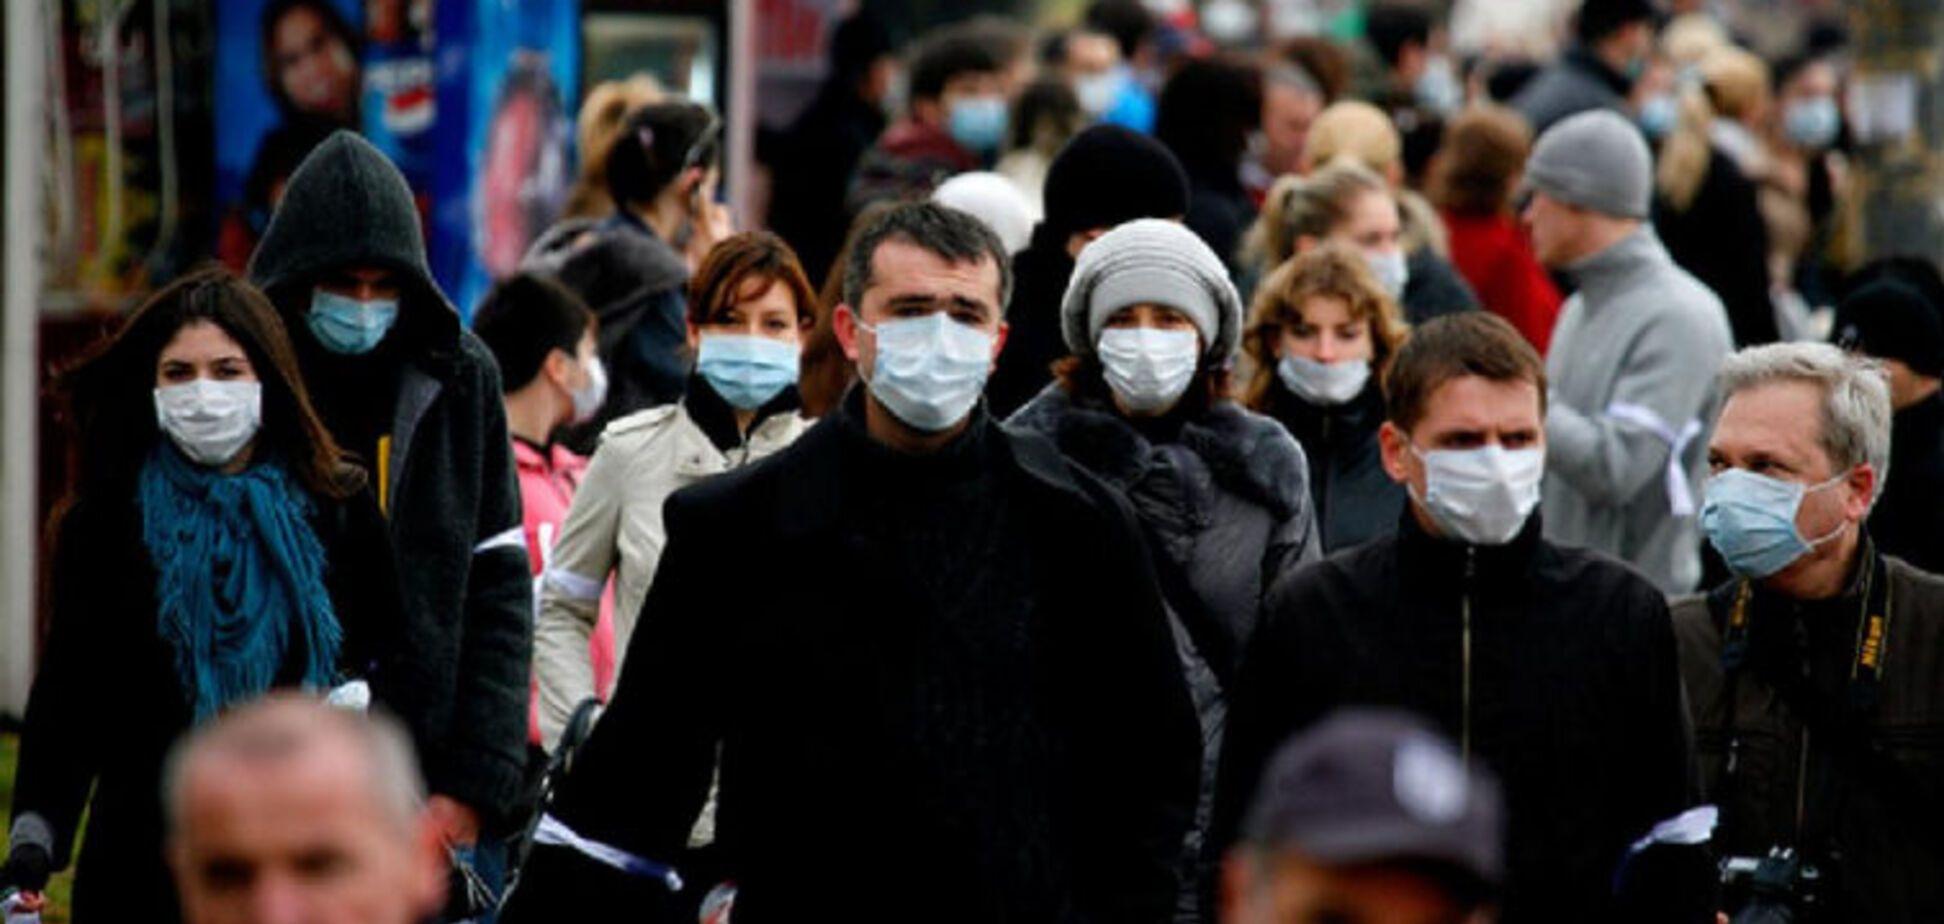 Израильский медик развеял мифы о 'бесполезности' масок для защиты от COVID-19